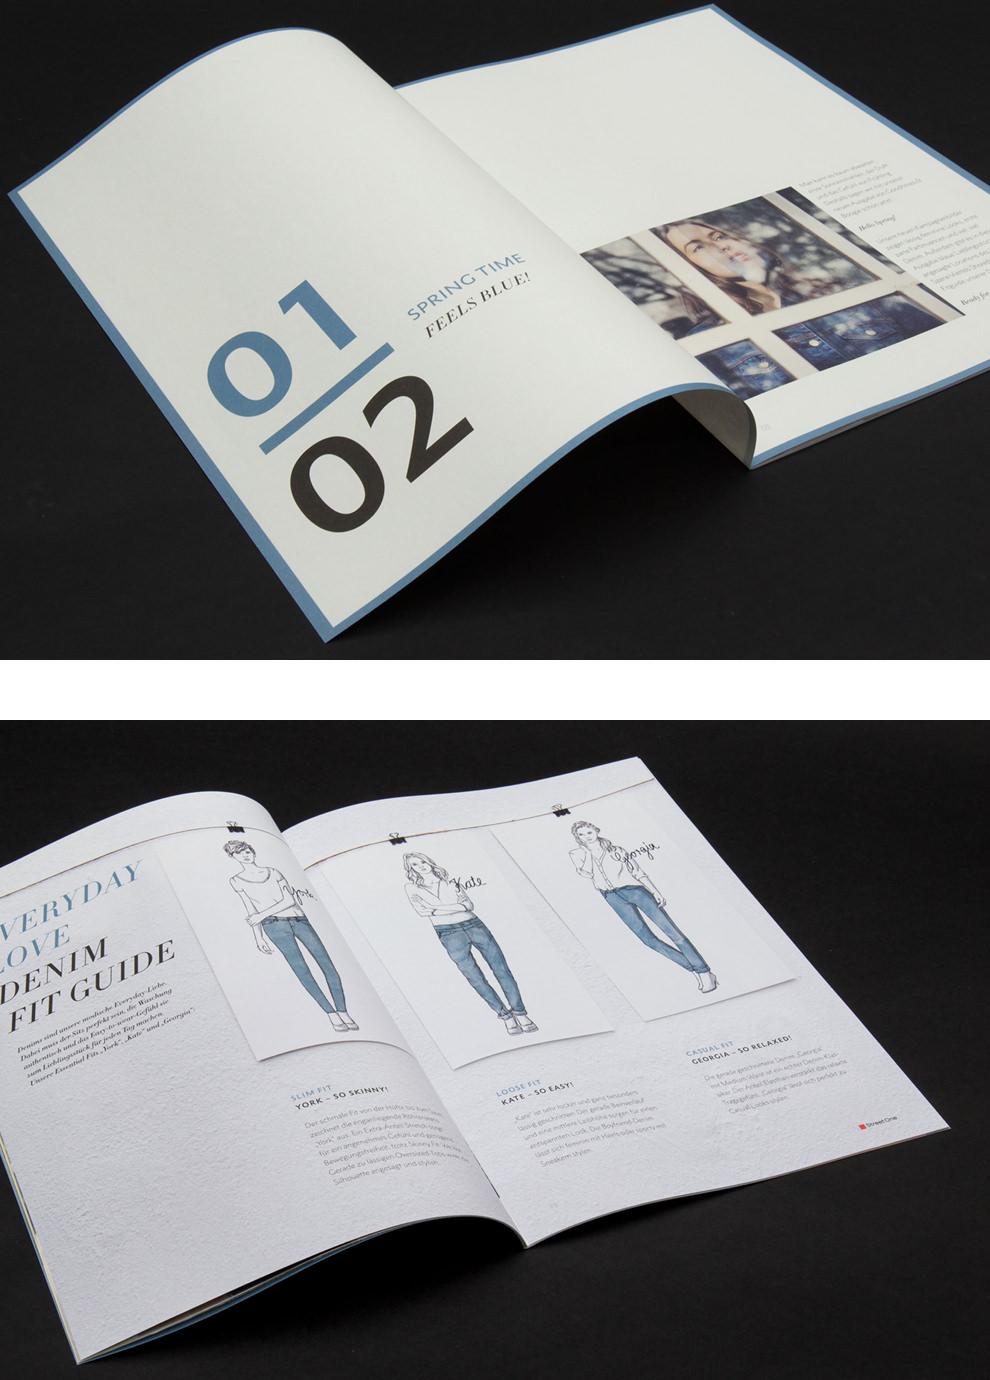 """Street One Doppelseiten-Intro """"Spring Time - Feels Blue""""von den sons of ipanema, Grafikdesign aus Köln. Blauer Farbrahmen und große Typo. Jeans Illustration und Denim Fit Guide, Slim Fit, Loose Fit und Casual Fit."""